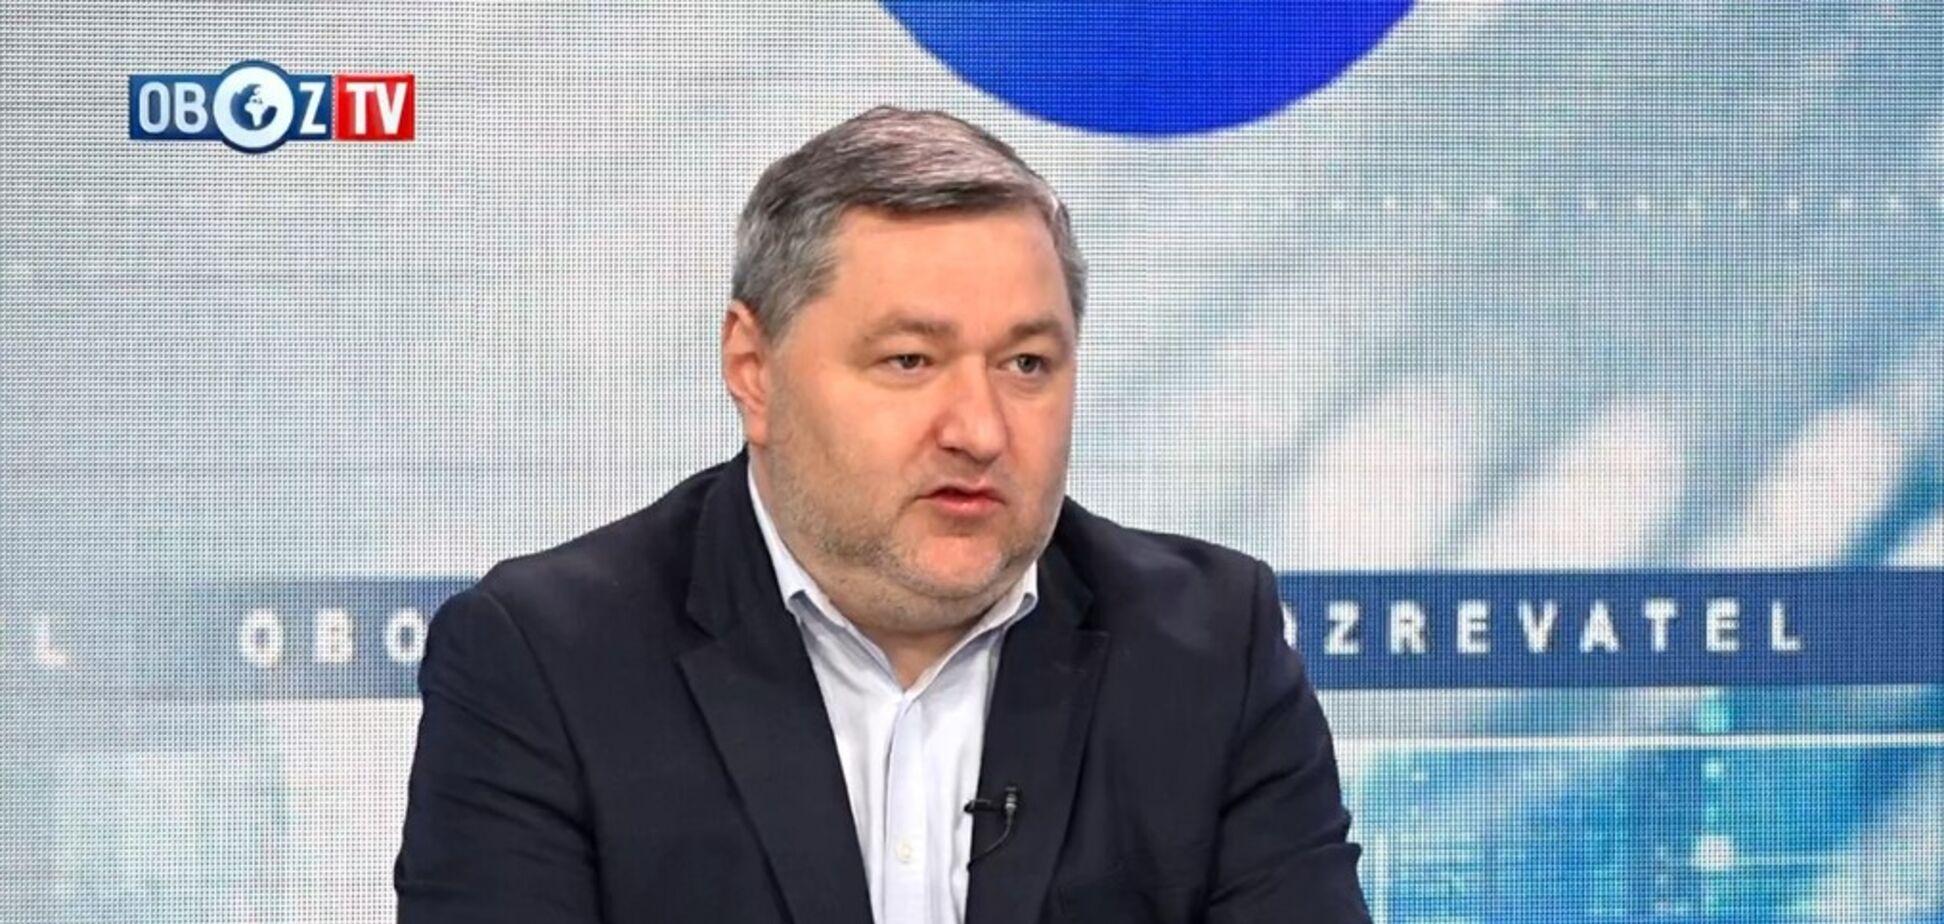 Руководство 'Укрзализныци' искусственно уменьшает расходы, чтобы получать премии: эксперт